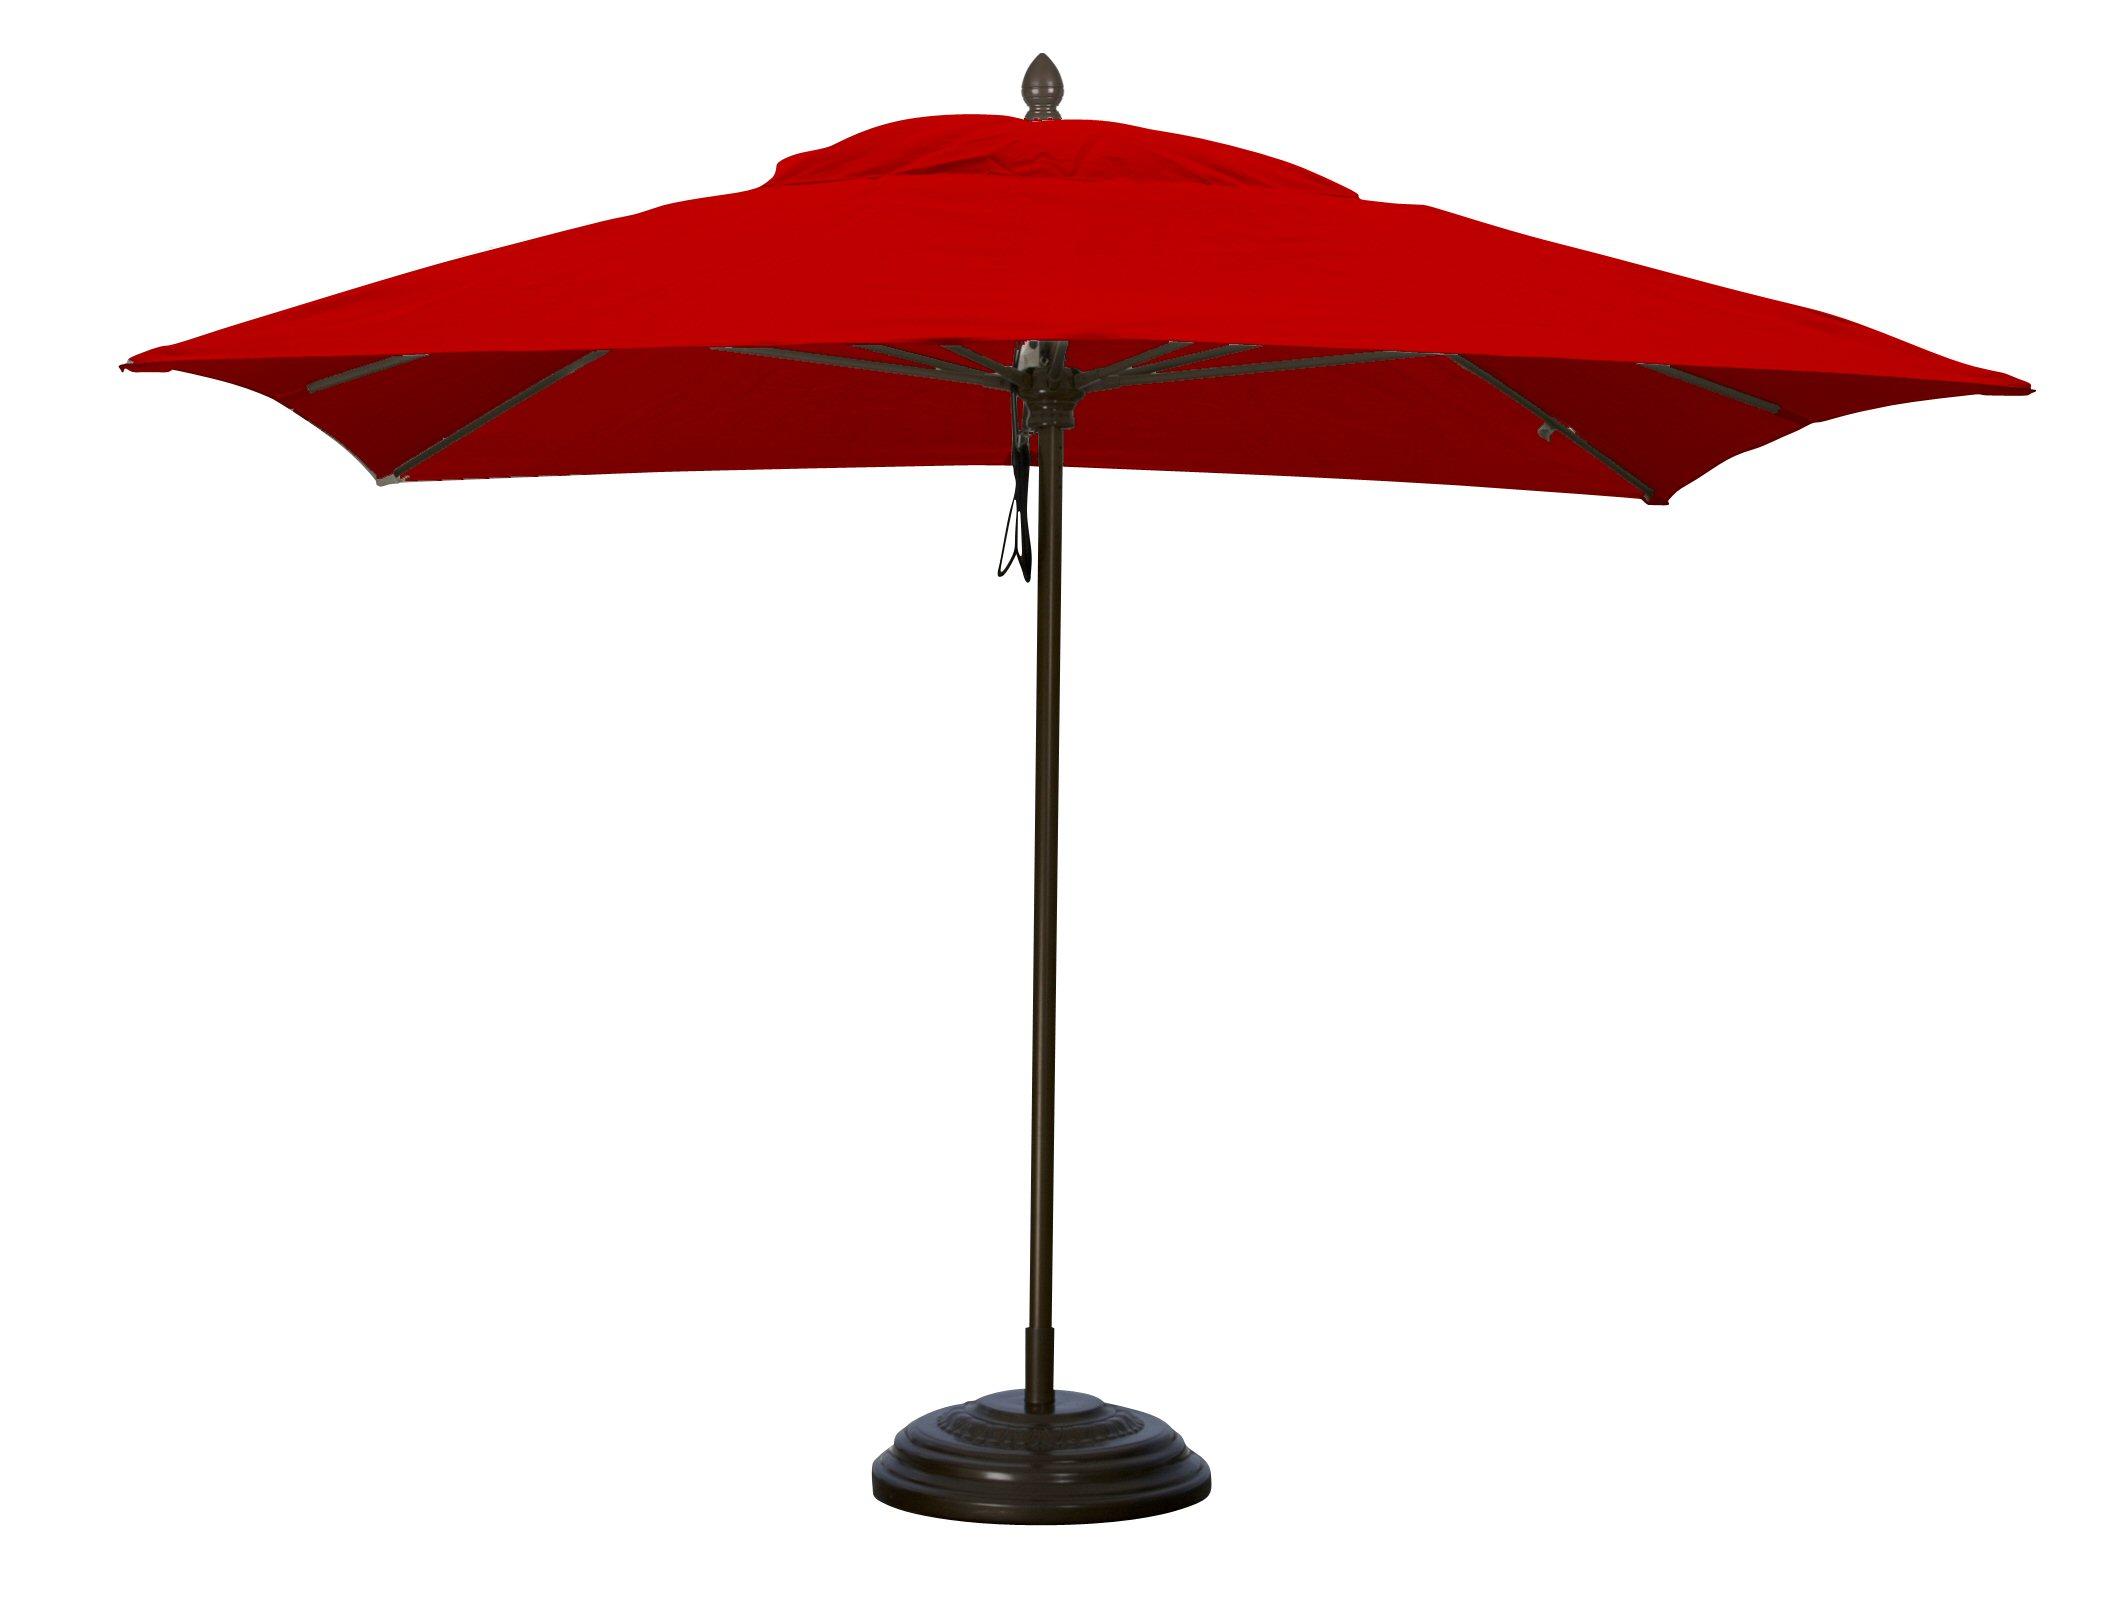 Shade Umbrellas for Spring